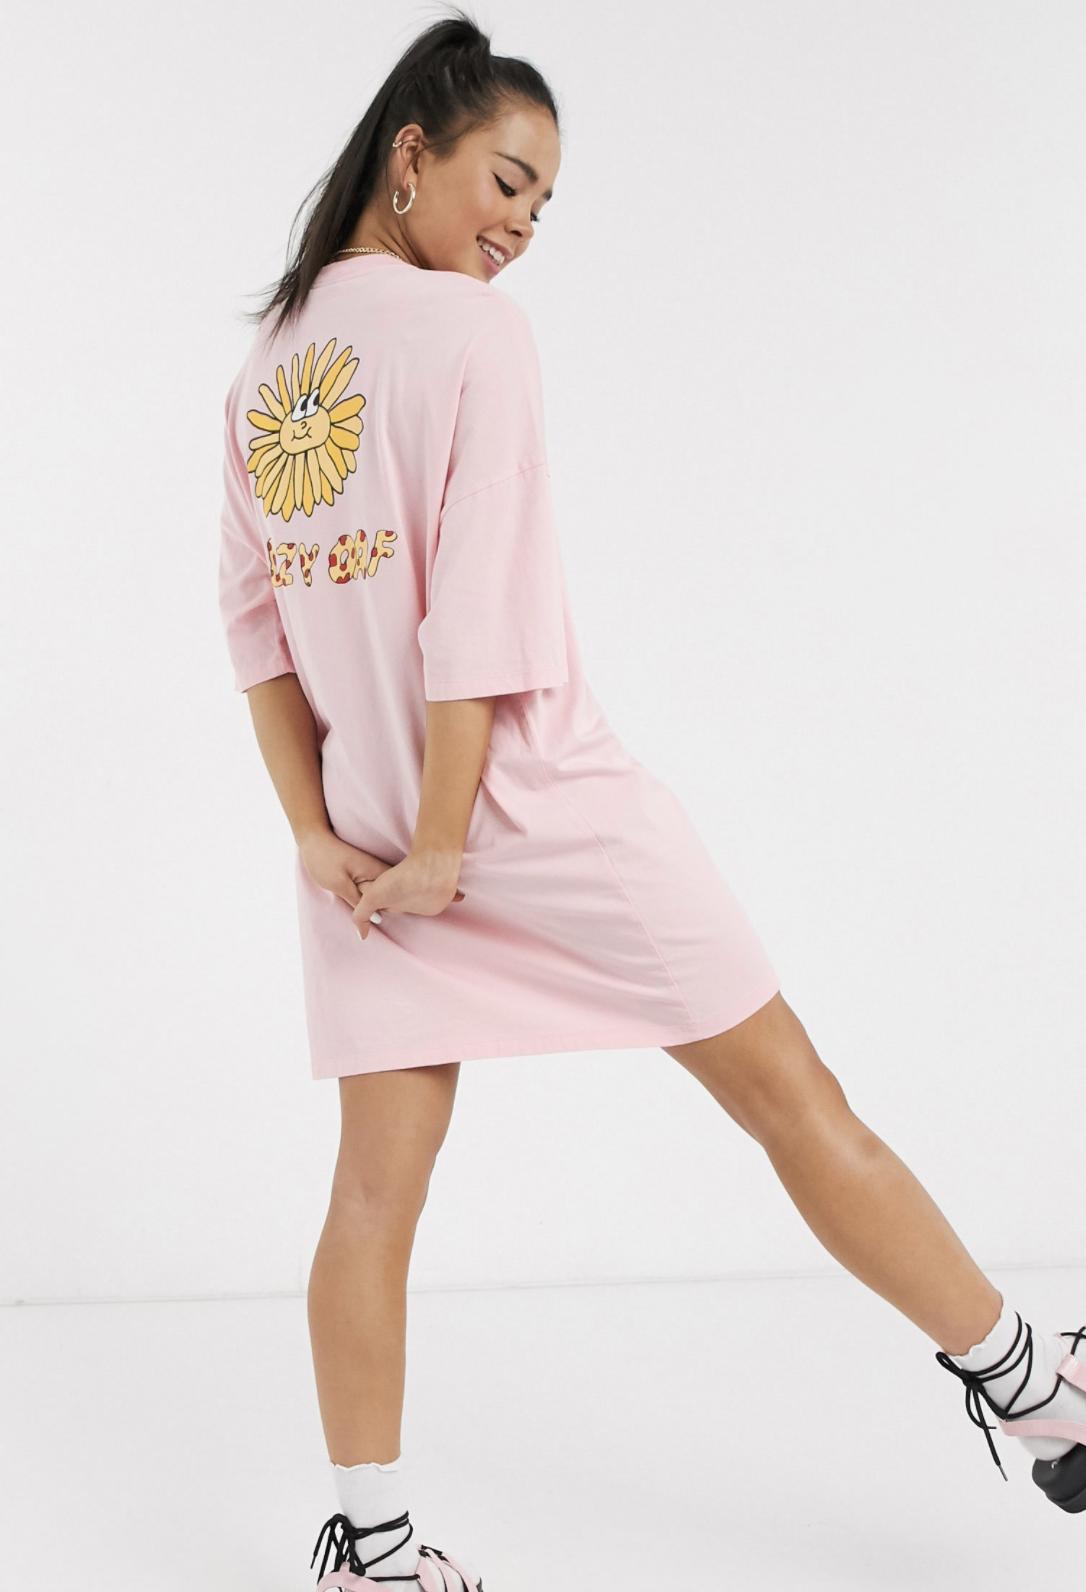 Vestido estilo camiseta extragrande con gráfico Sunshine de Lazy Oaf